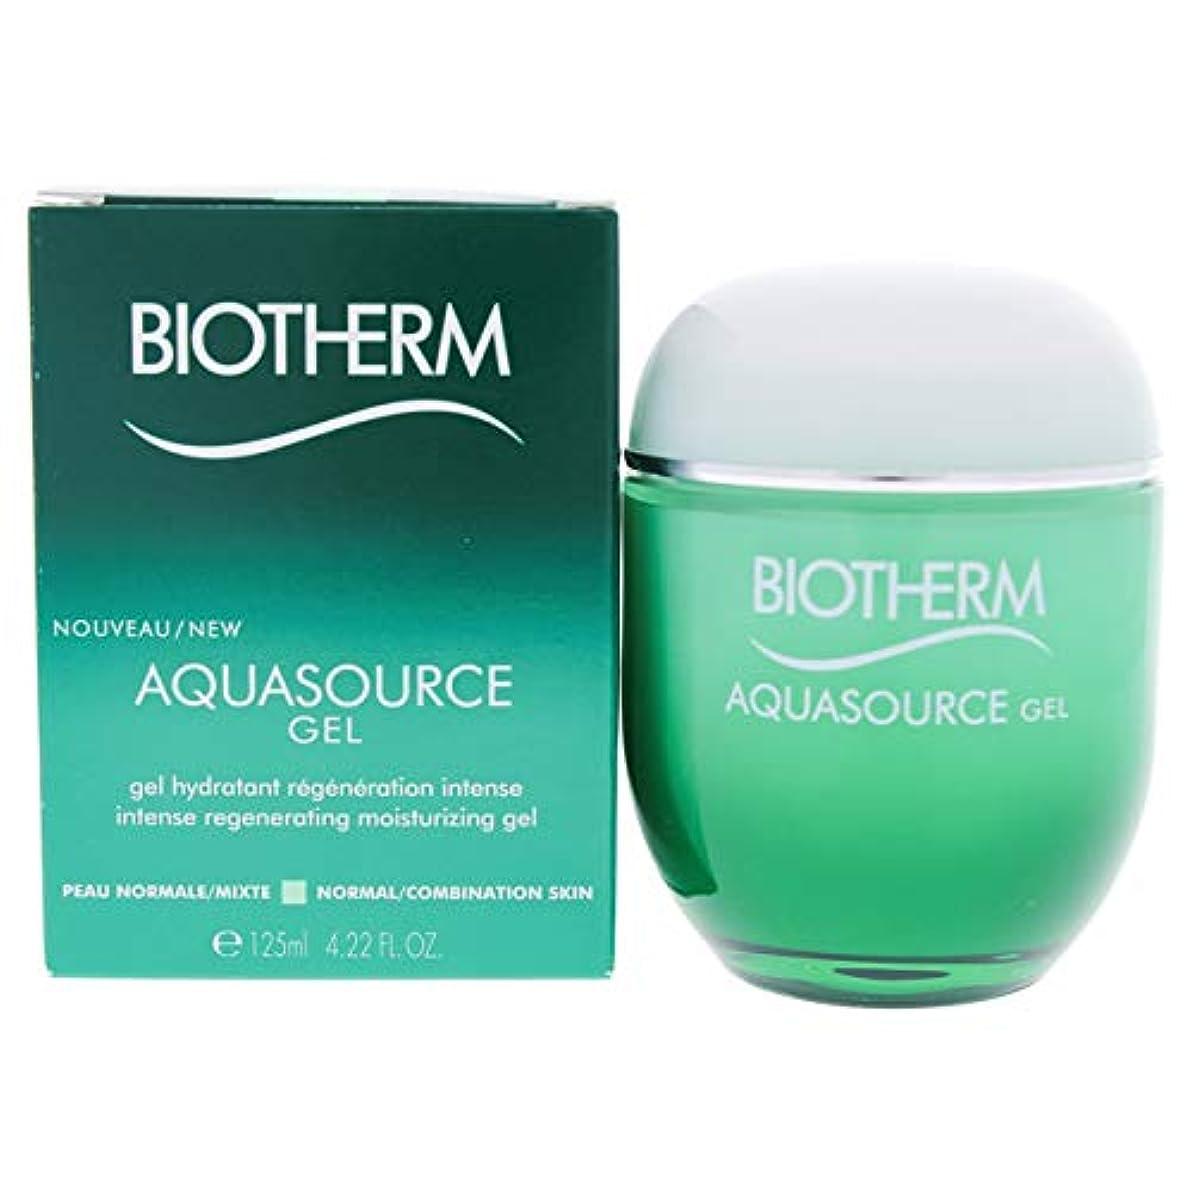 ベルベット献身コールドビオテルム Aquasource Gel Intense Regenerating Moisturizing Gel - For Normal/Combination Skin 125ml/4.22oz並行輸入品